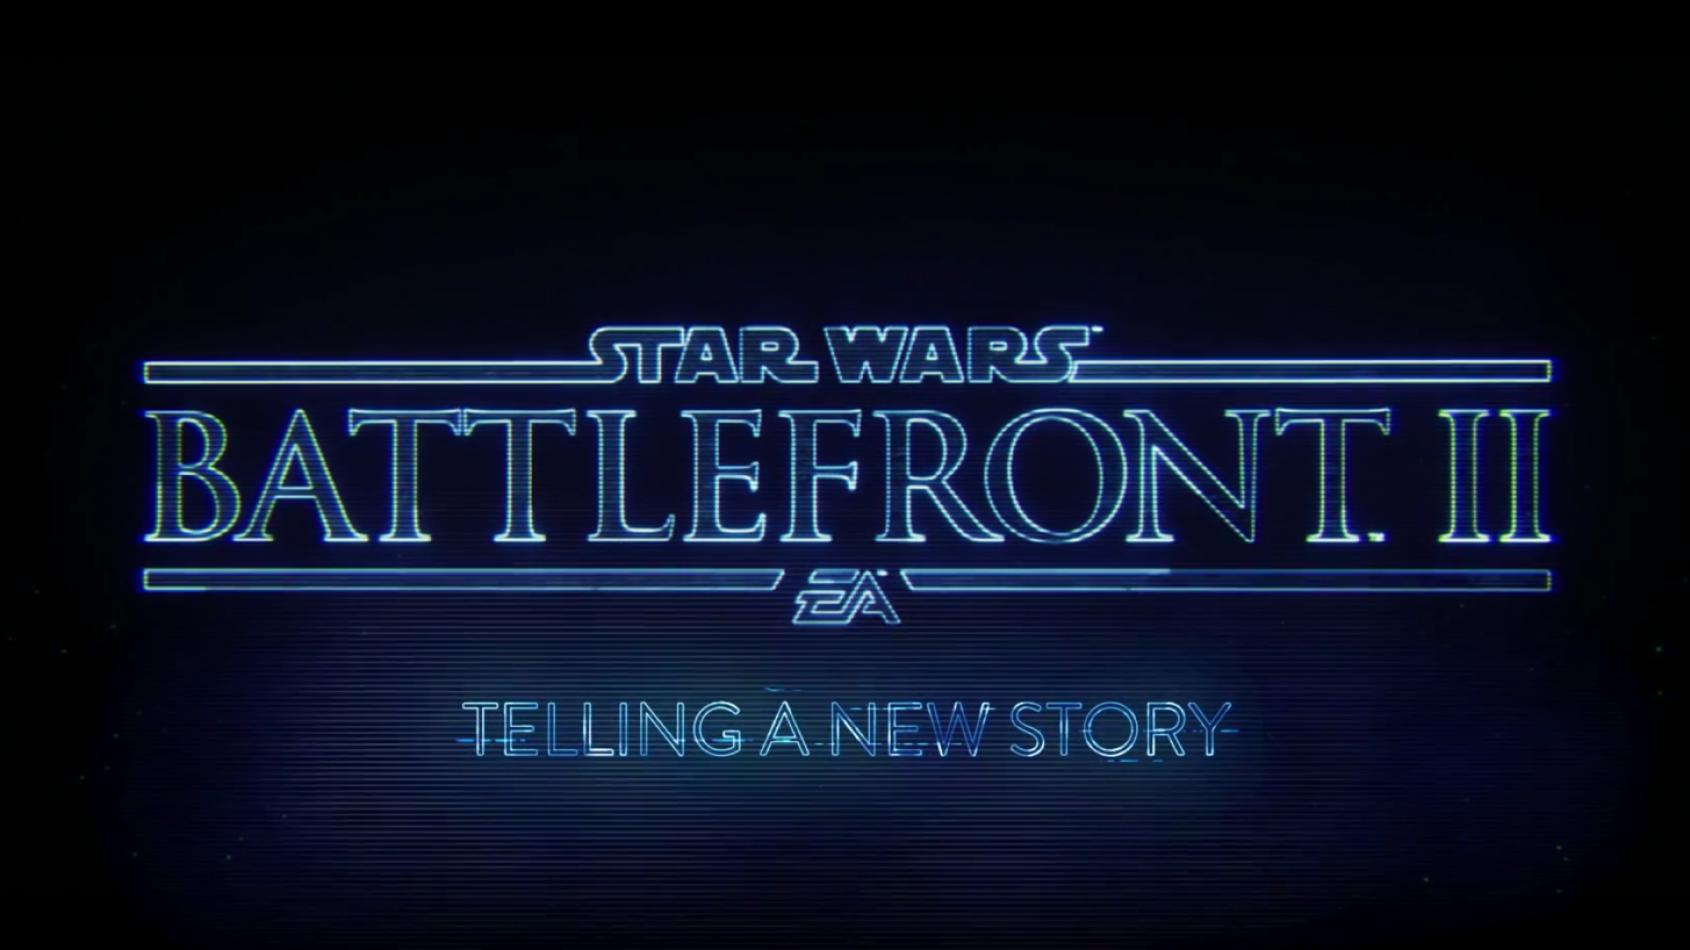 L'histoire d'Iden Versio 'Star Wars: Battlefront II'